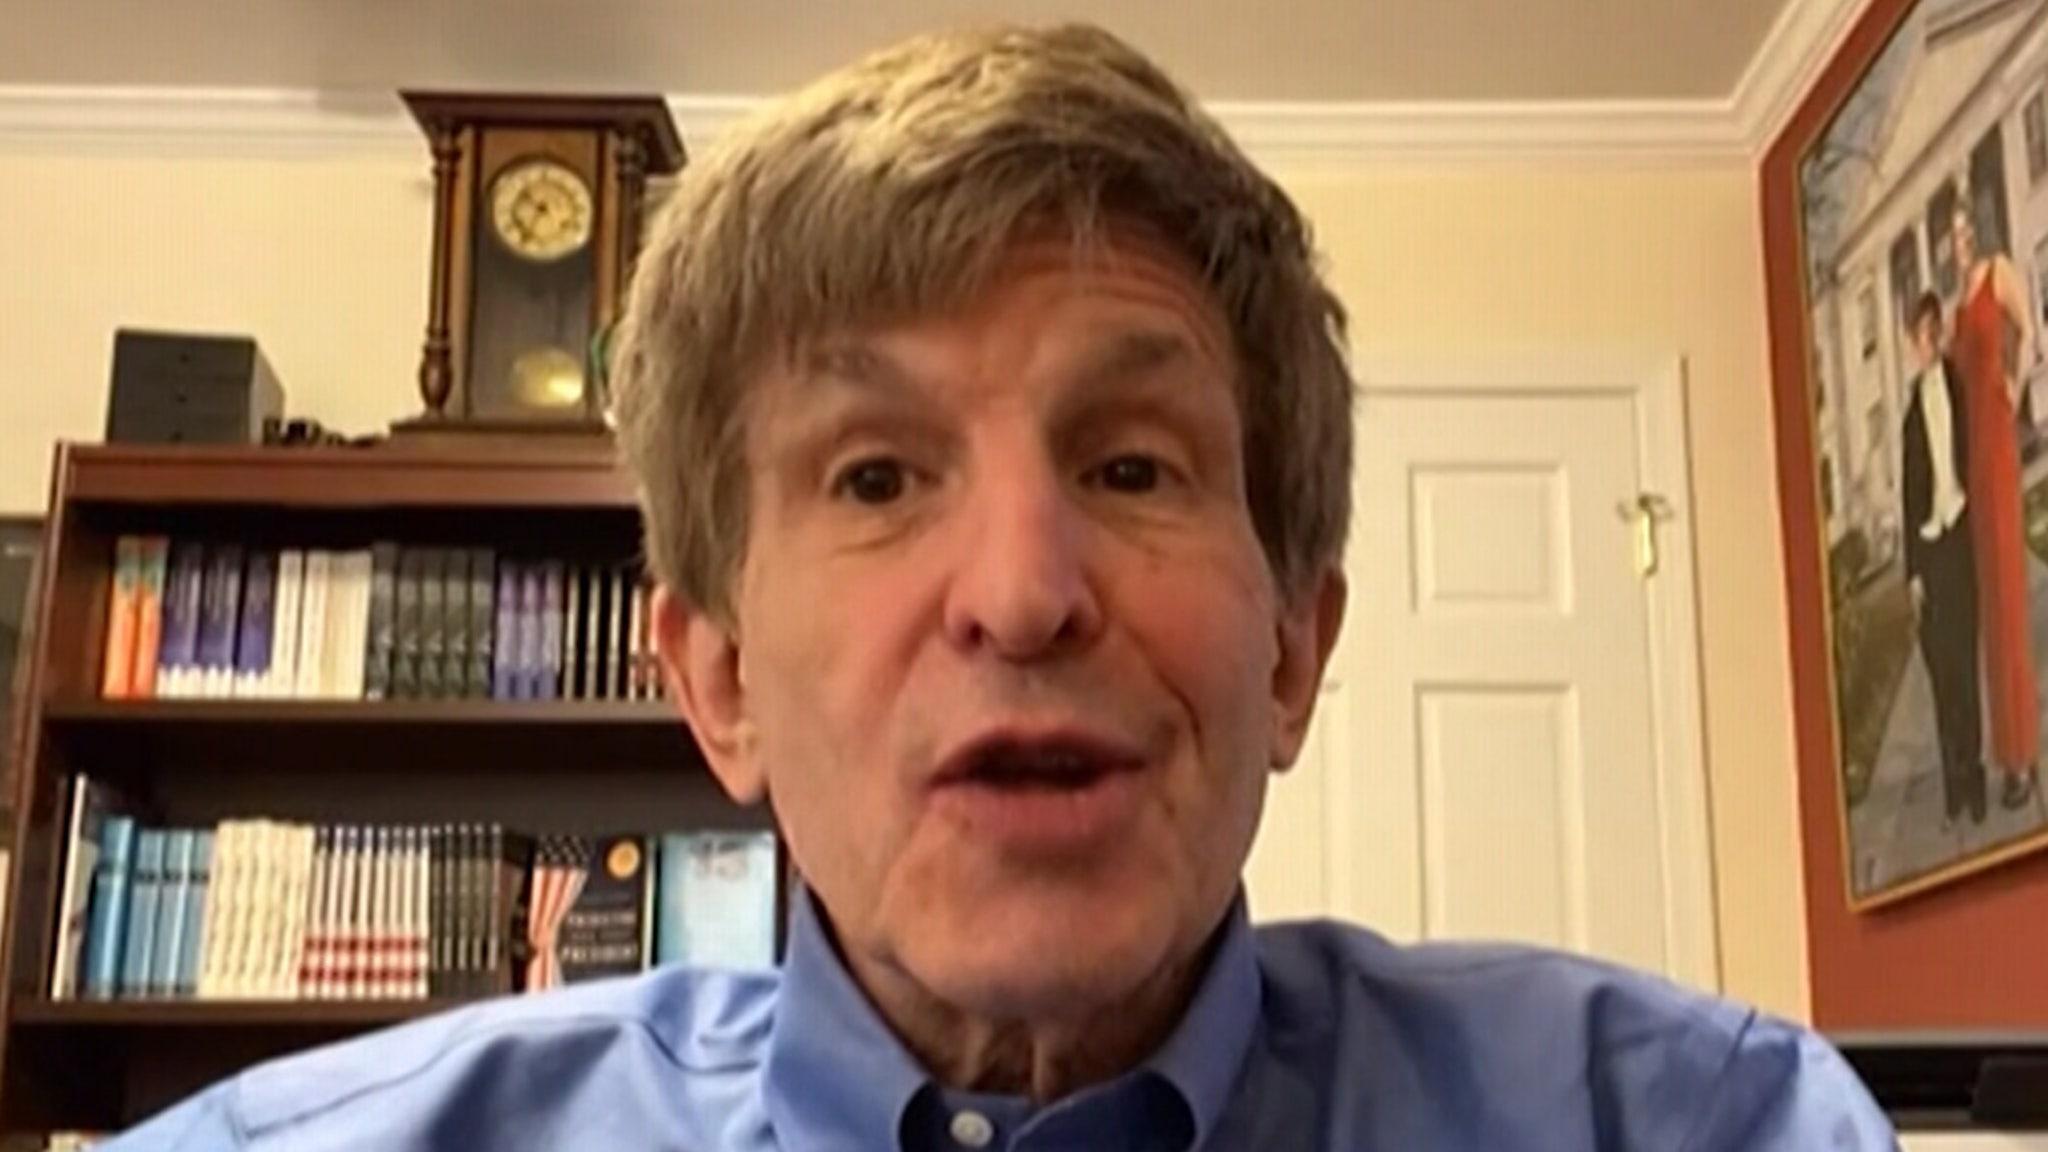 Джо Байден может объединить страну прямо сейчас, говорит историк доктор Аллан Лихтман